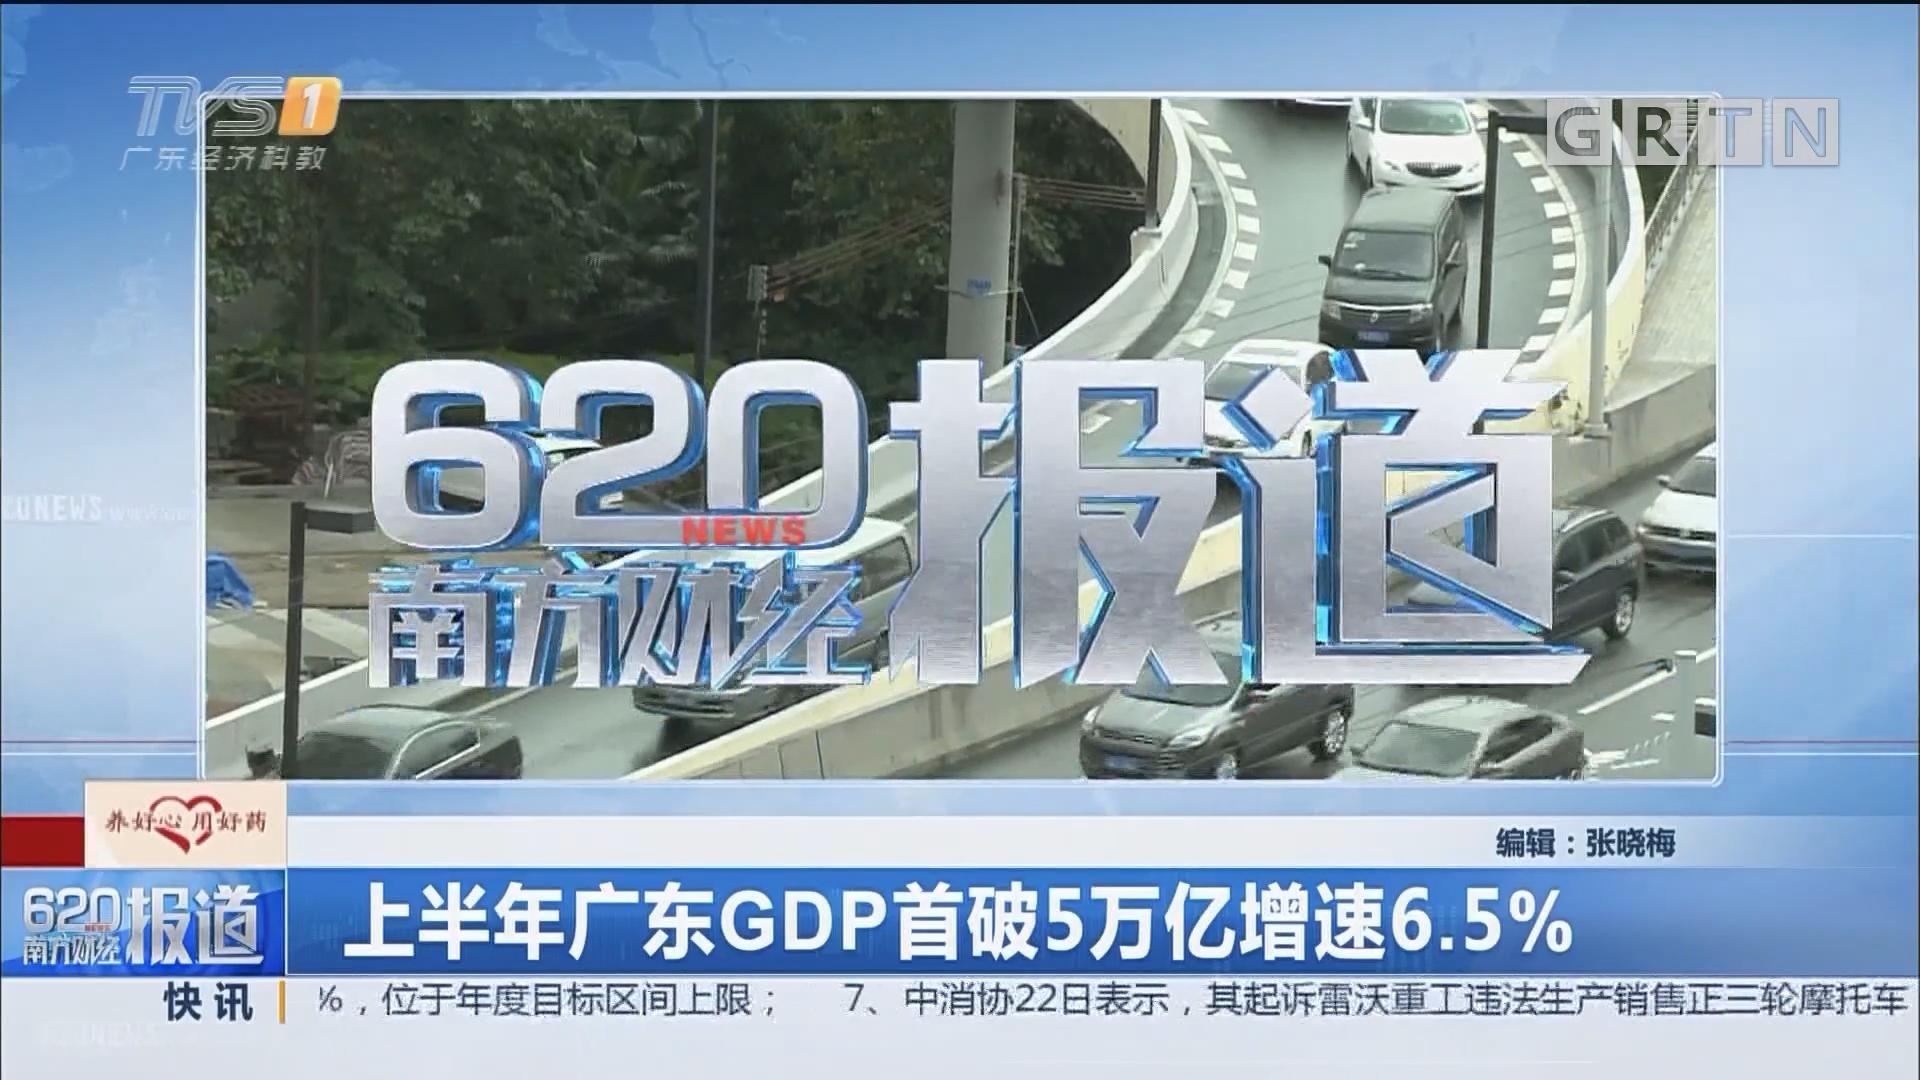 上半年广东GDP首破5万亿增速6.5%